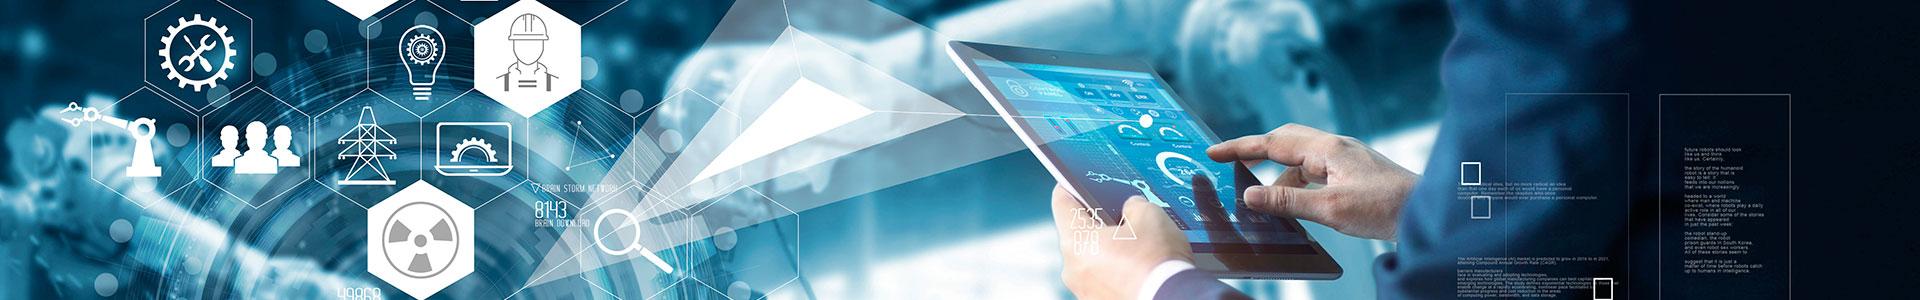 Blog de ingeniería, electrónica, sistemas, eléctrica, biotecnología y telecomunicaciones